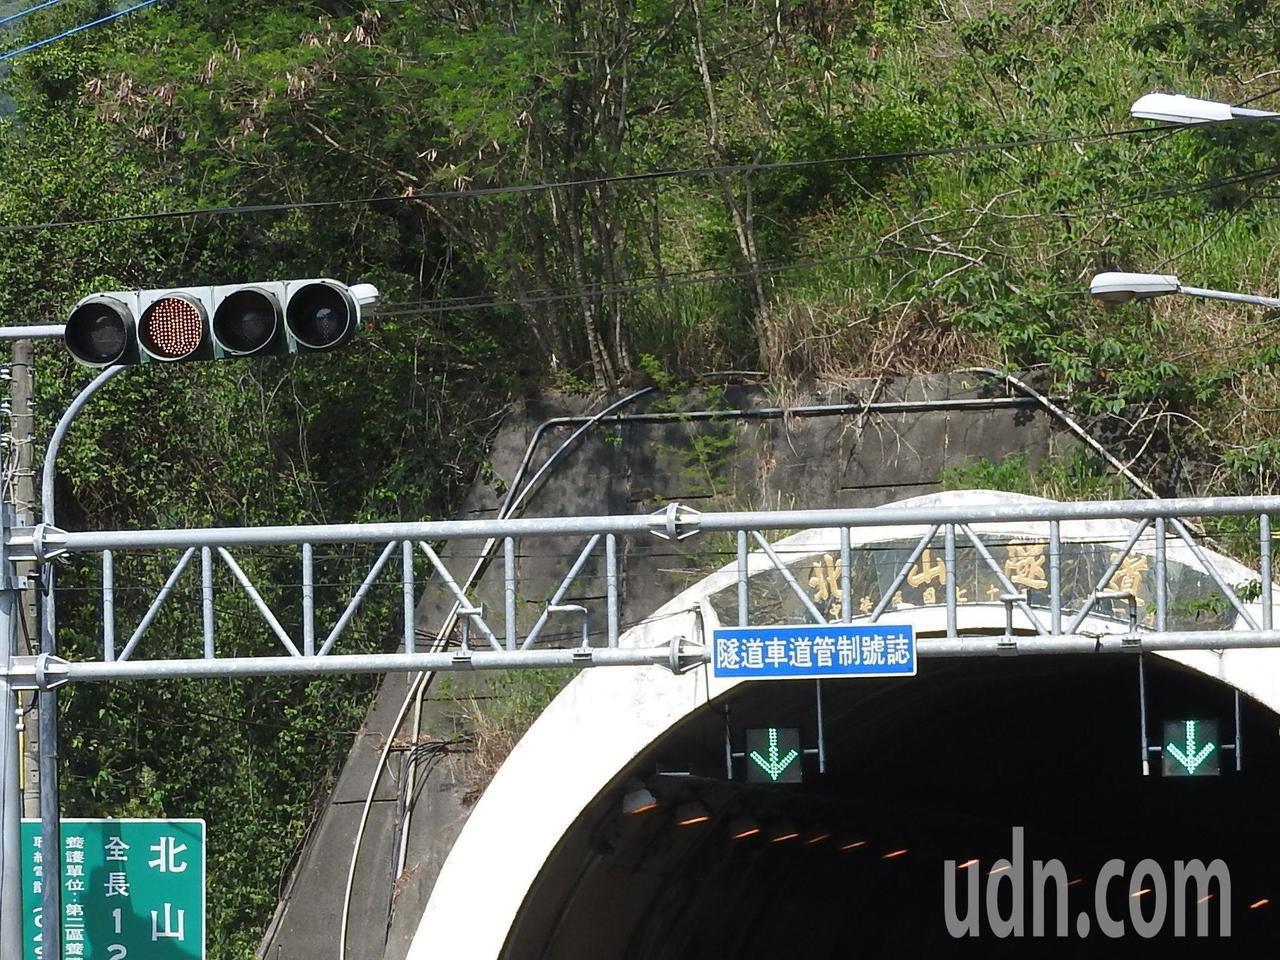 國姓鄉北山隧道口常見違規闖紅燈,村民懷疑是隧道燈和紅綠燈靠太近,用路人易混淆所致...